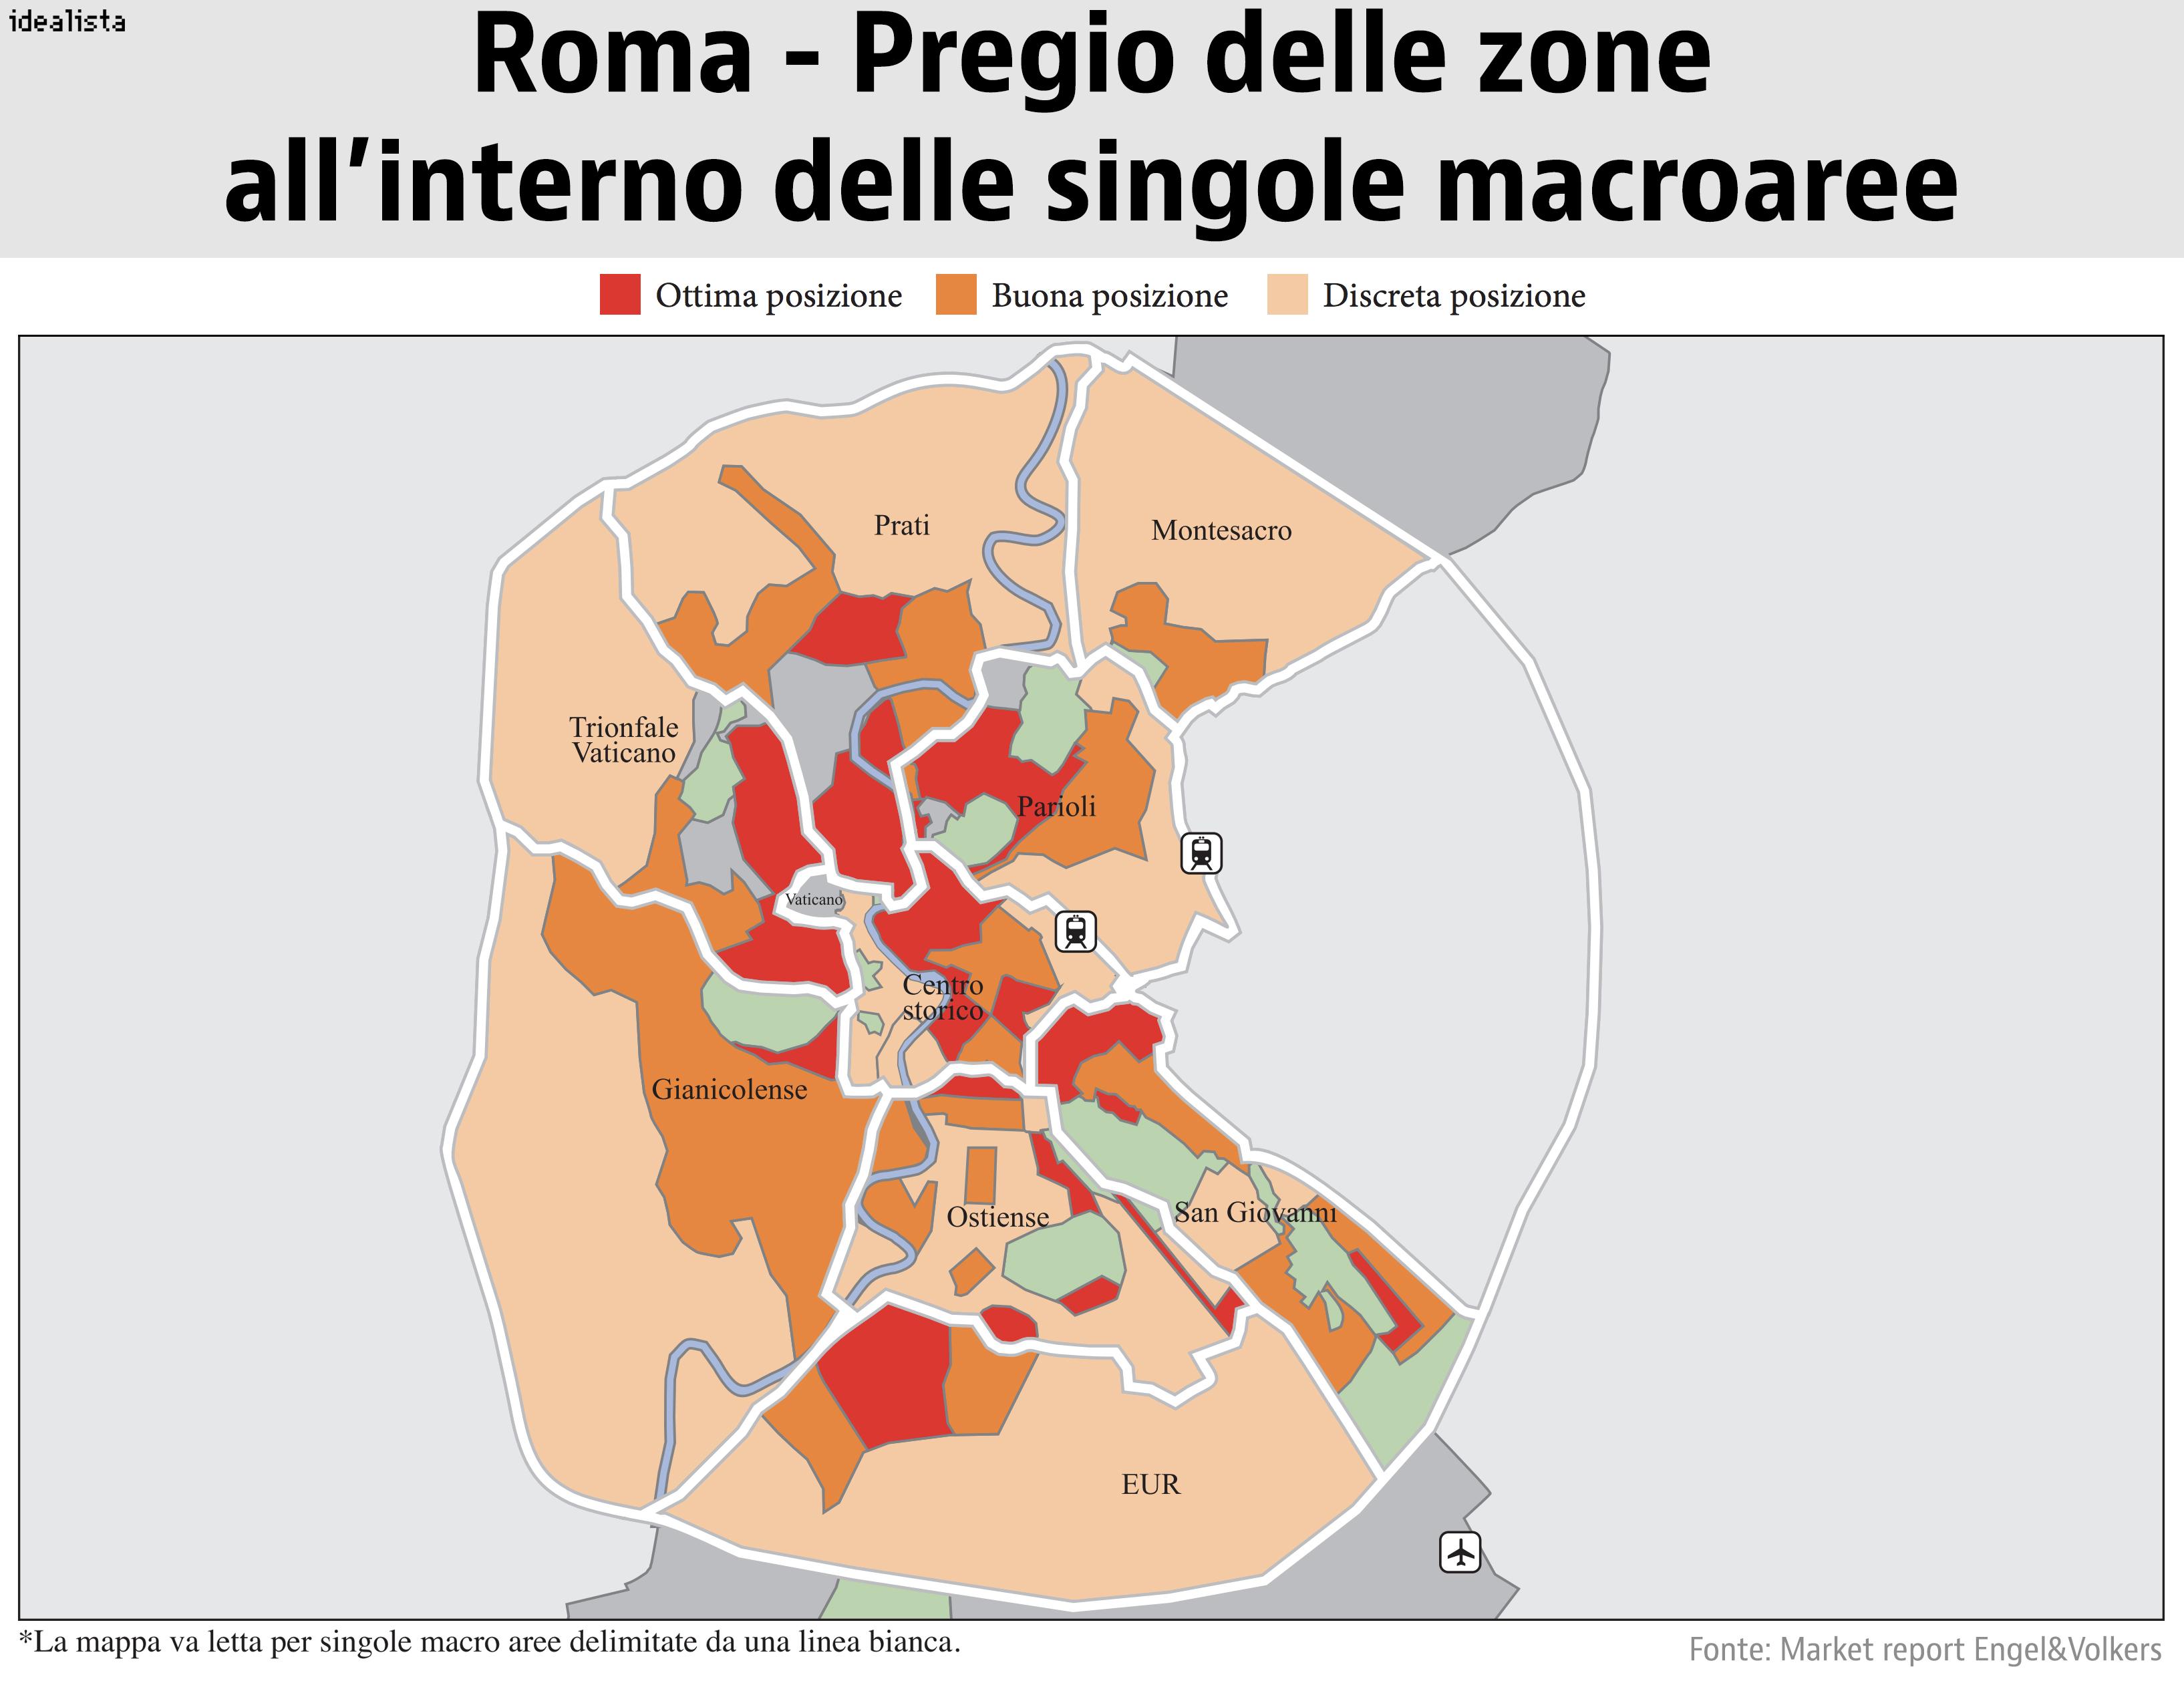 Immobili di pregio a Roma